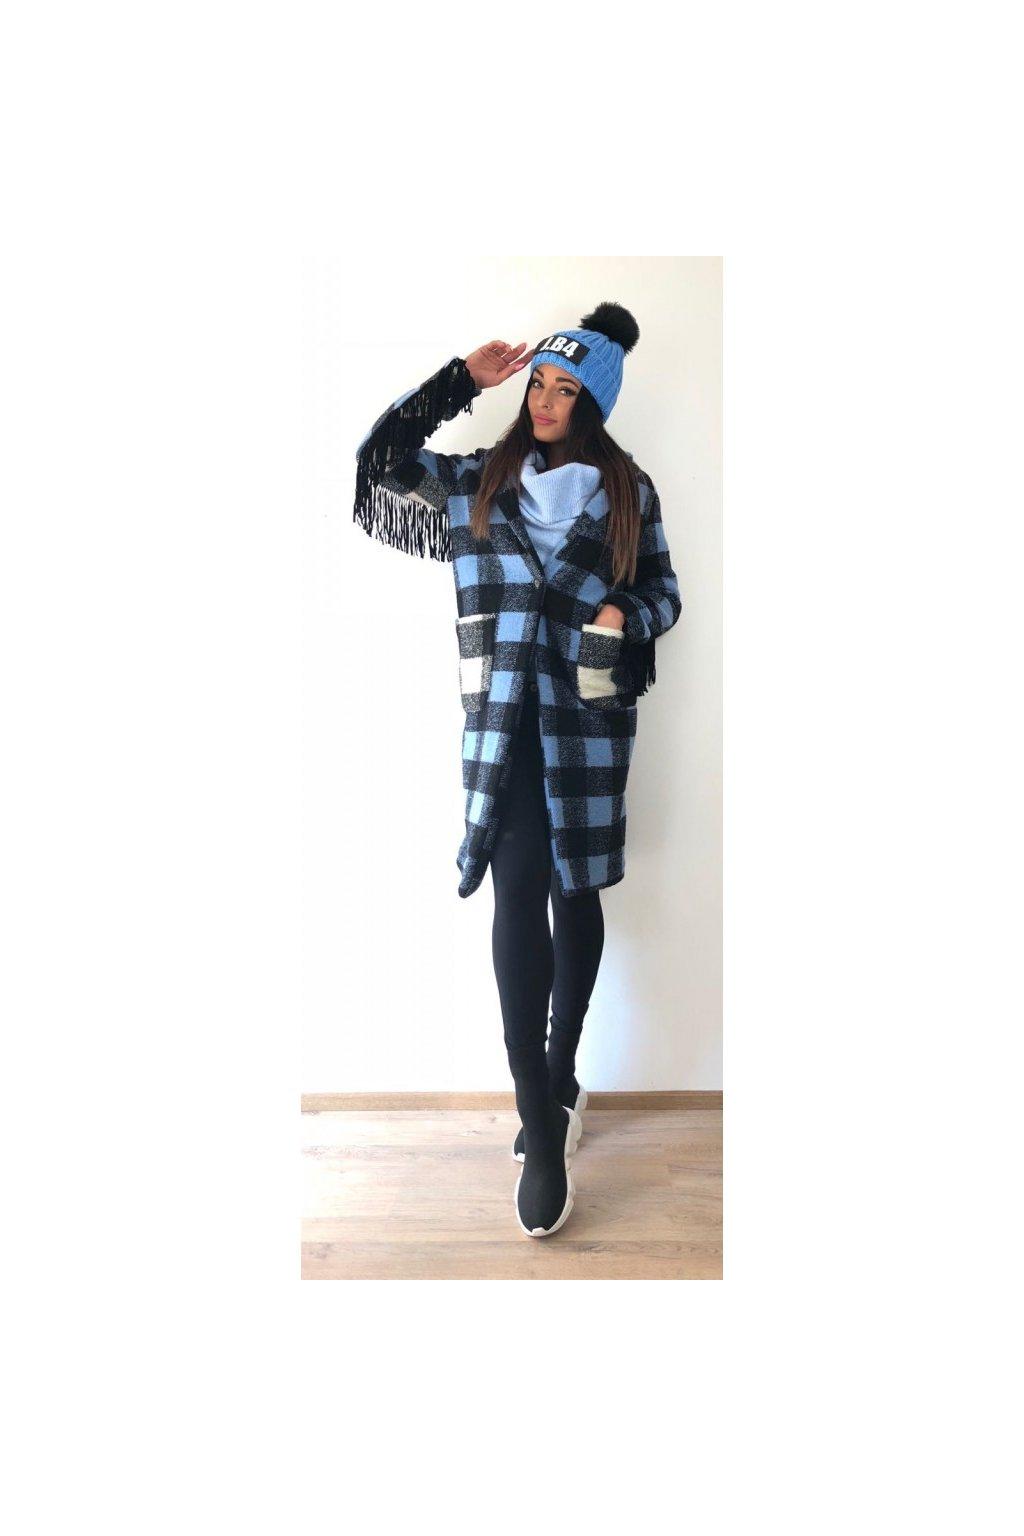 Vlněný kabát Front Street8 s nápisem na zádech - modrý (Velikost Velikost 38)